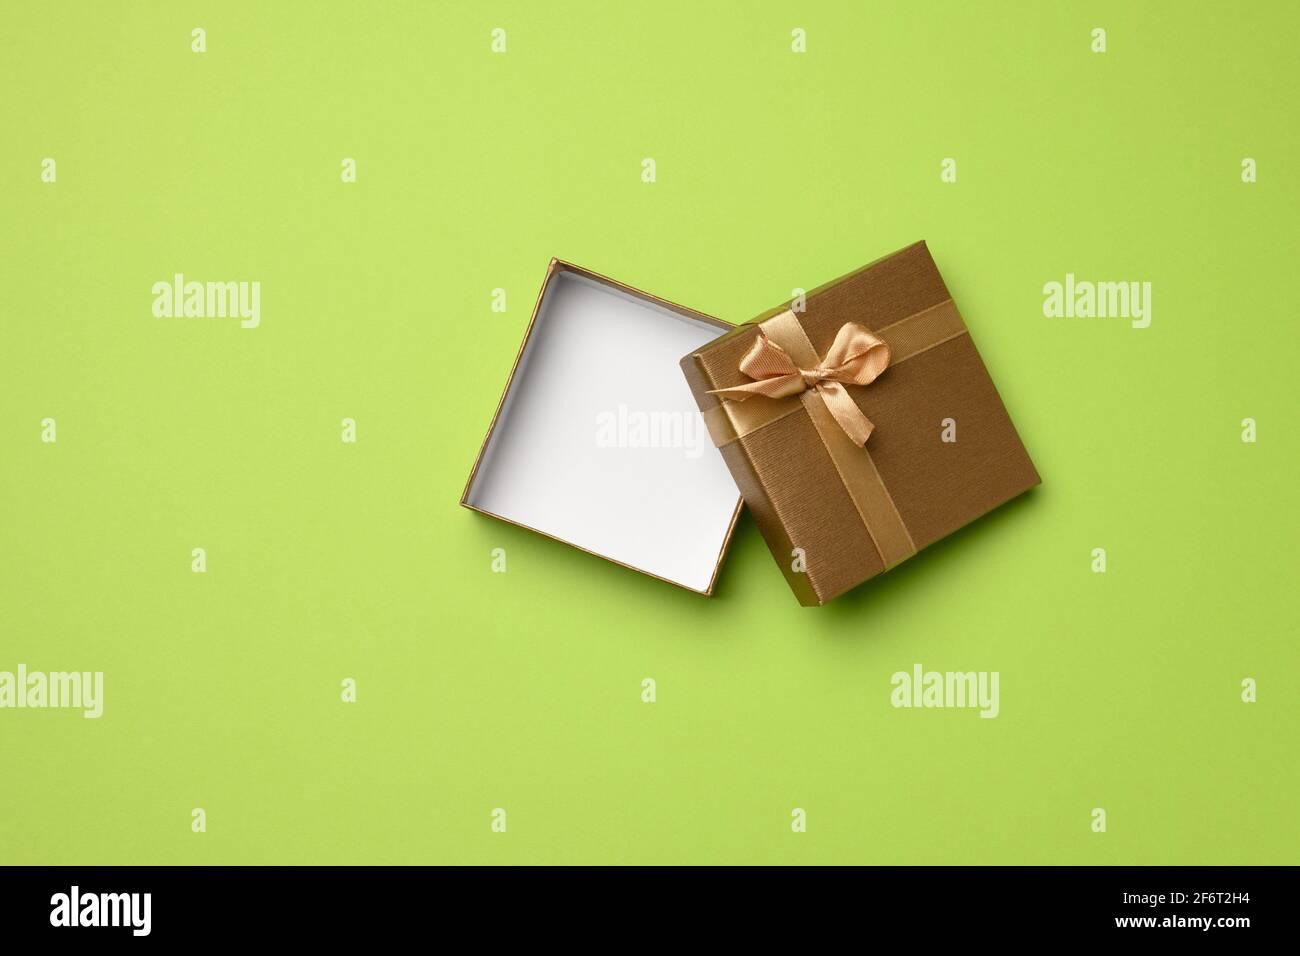 caja dorada cuadrada vacía con lazo de cartón sobre fondo verde, regalo abierto, vista superior. Foto de stock